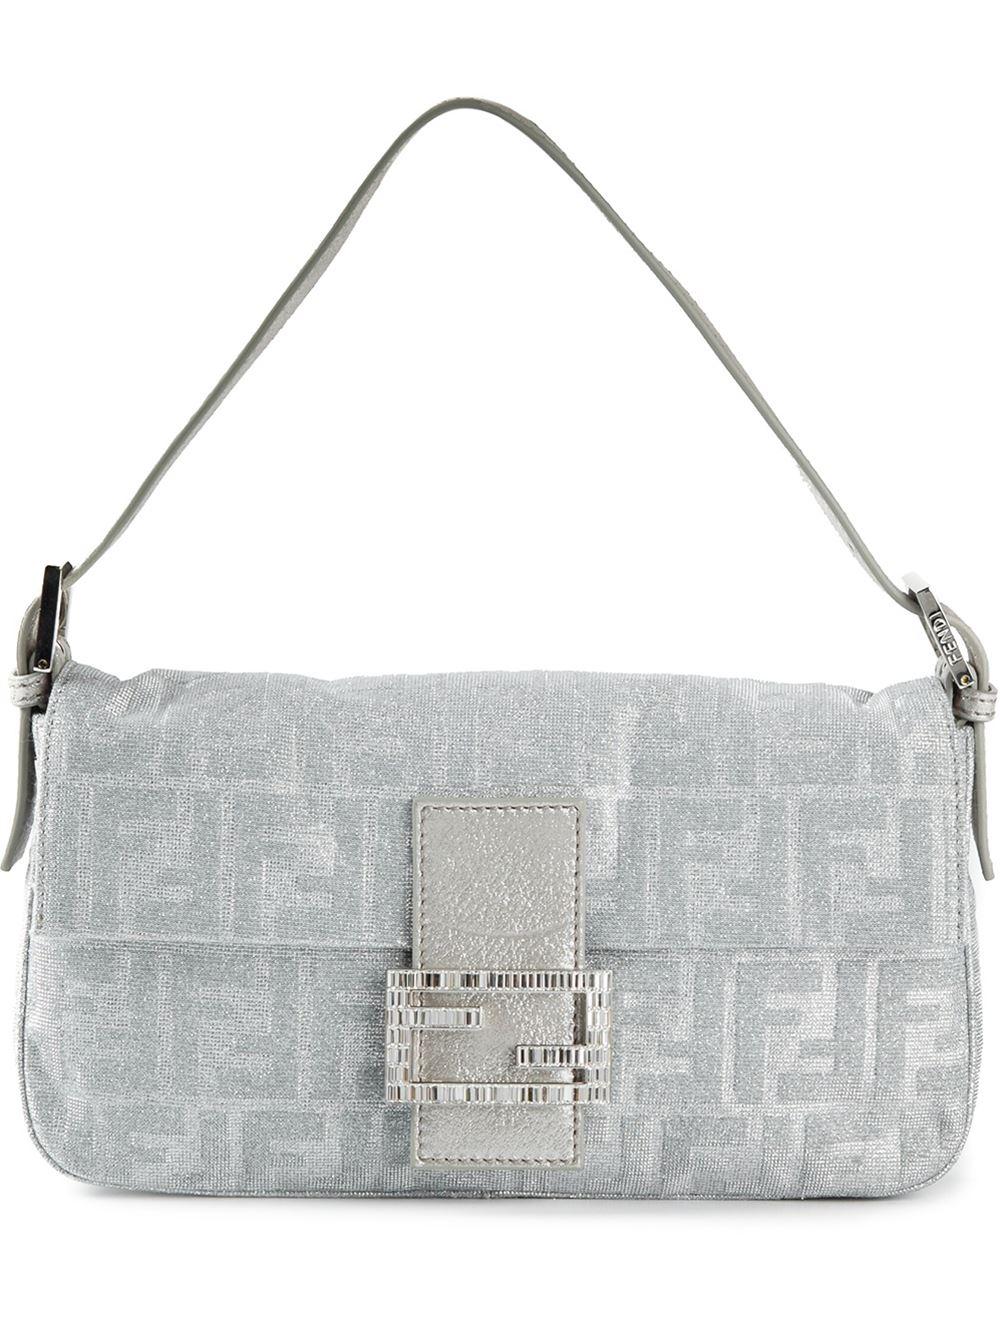 Fendi Baguette Shoulder Bag in Gray